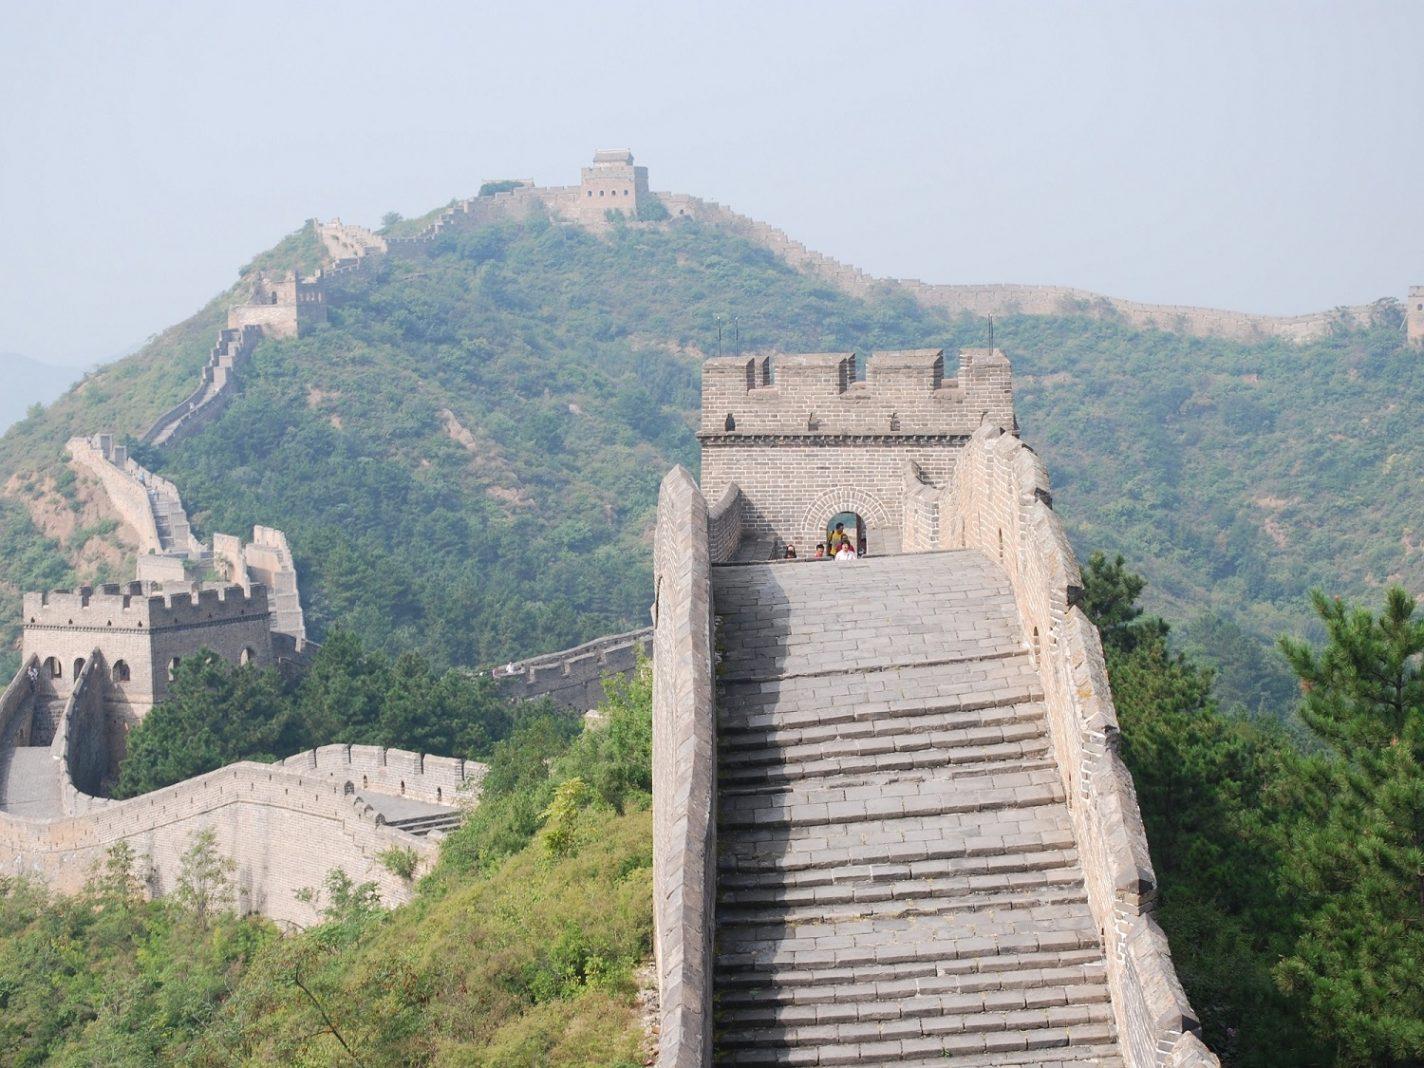 Mooiste reismoment lopen op de Chinese muur